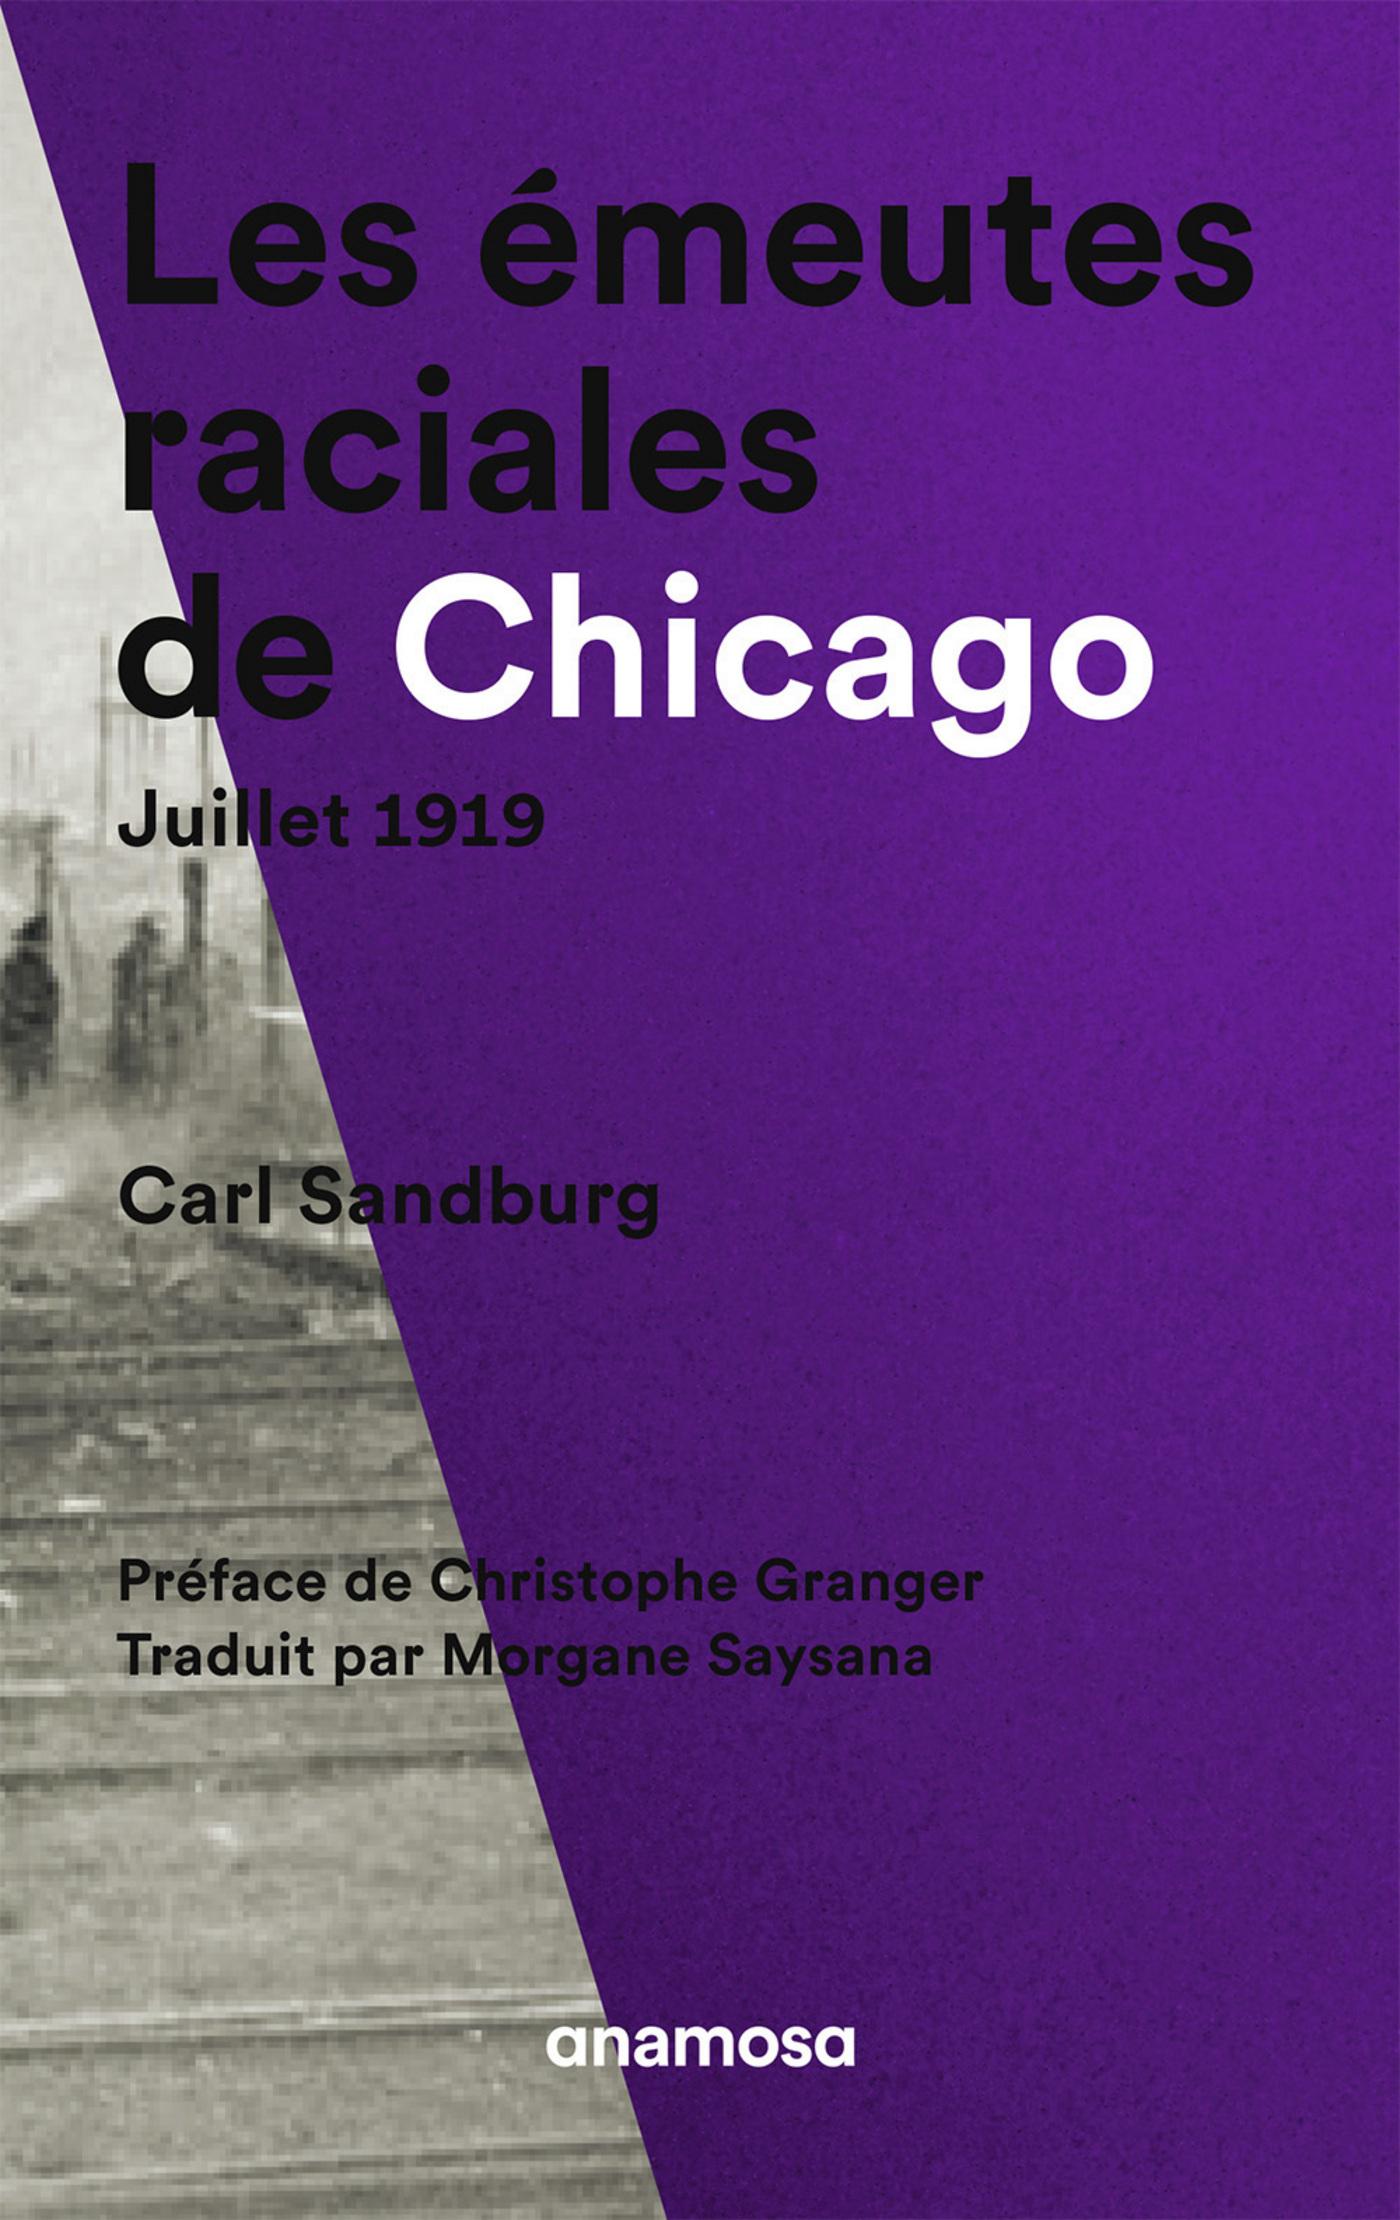 Les émeutes raciales de Chicago - Juillet 1919